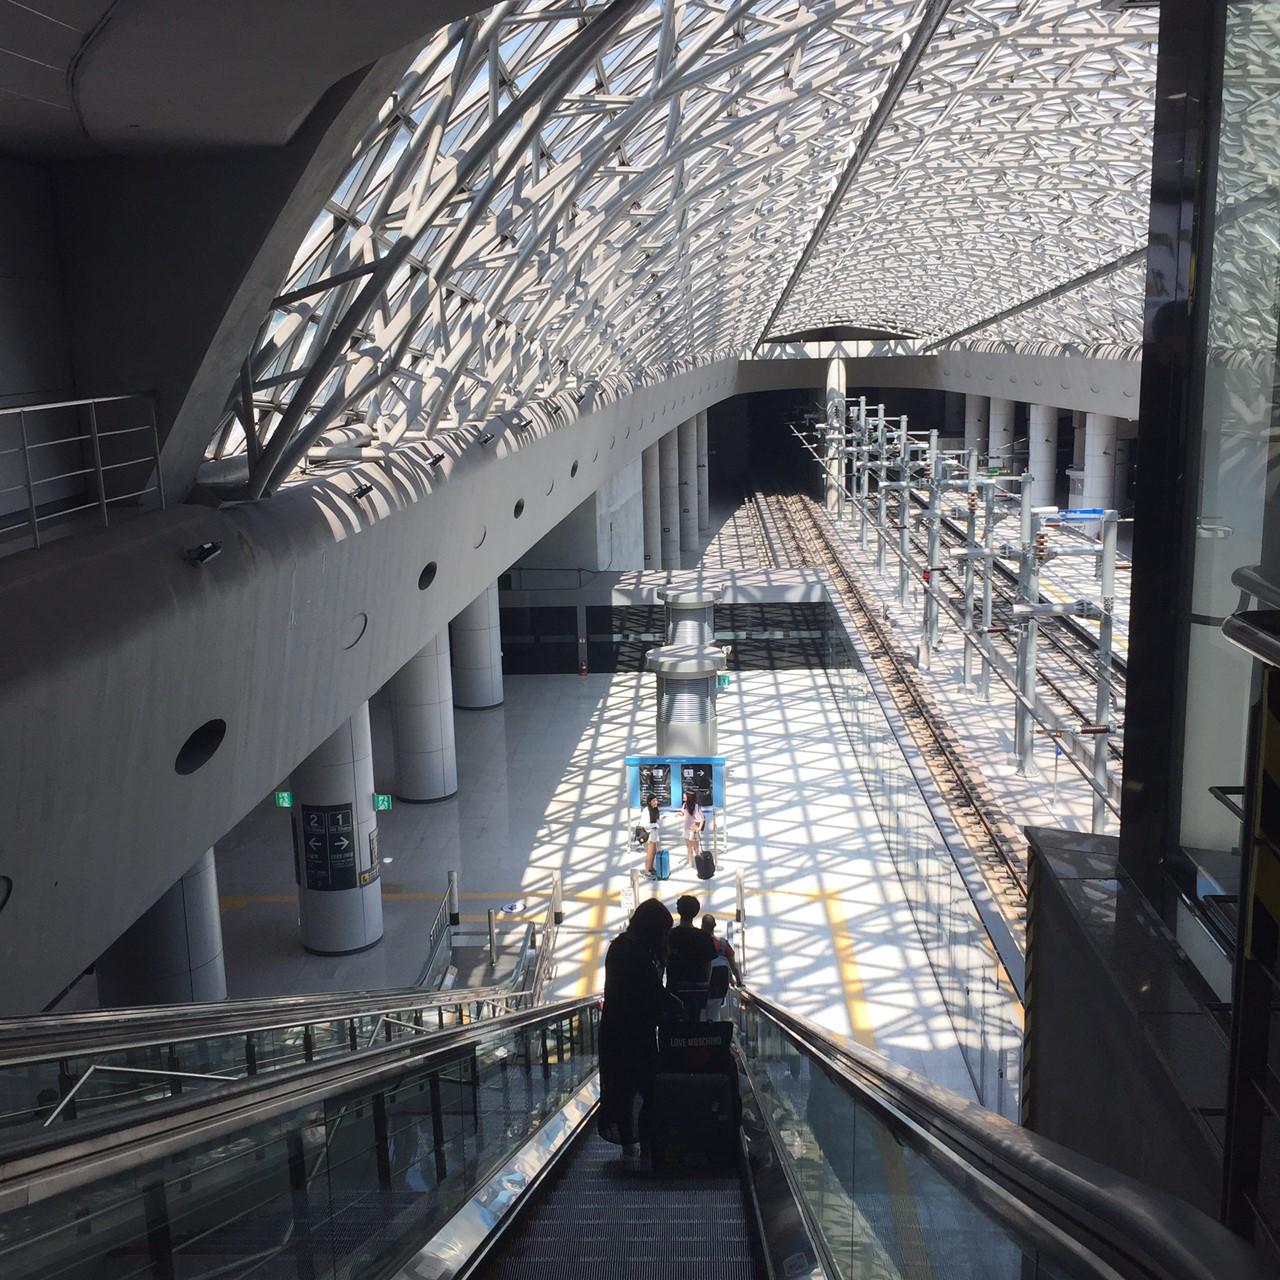 仁川空港から明洞 地下鉄 乗り場 地下へ